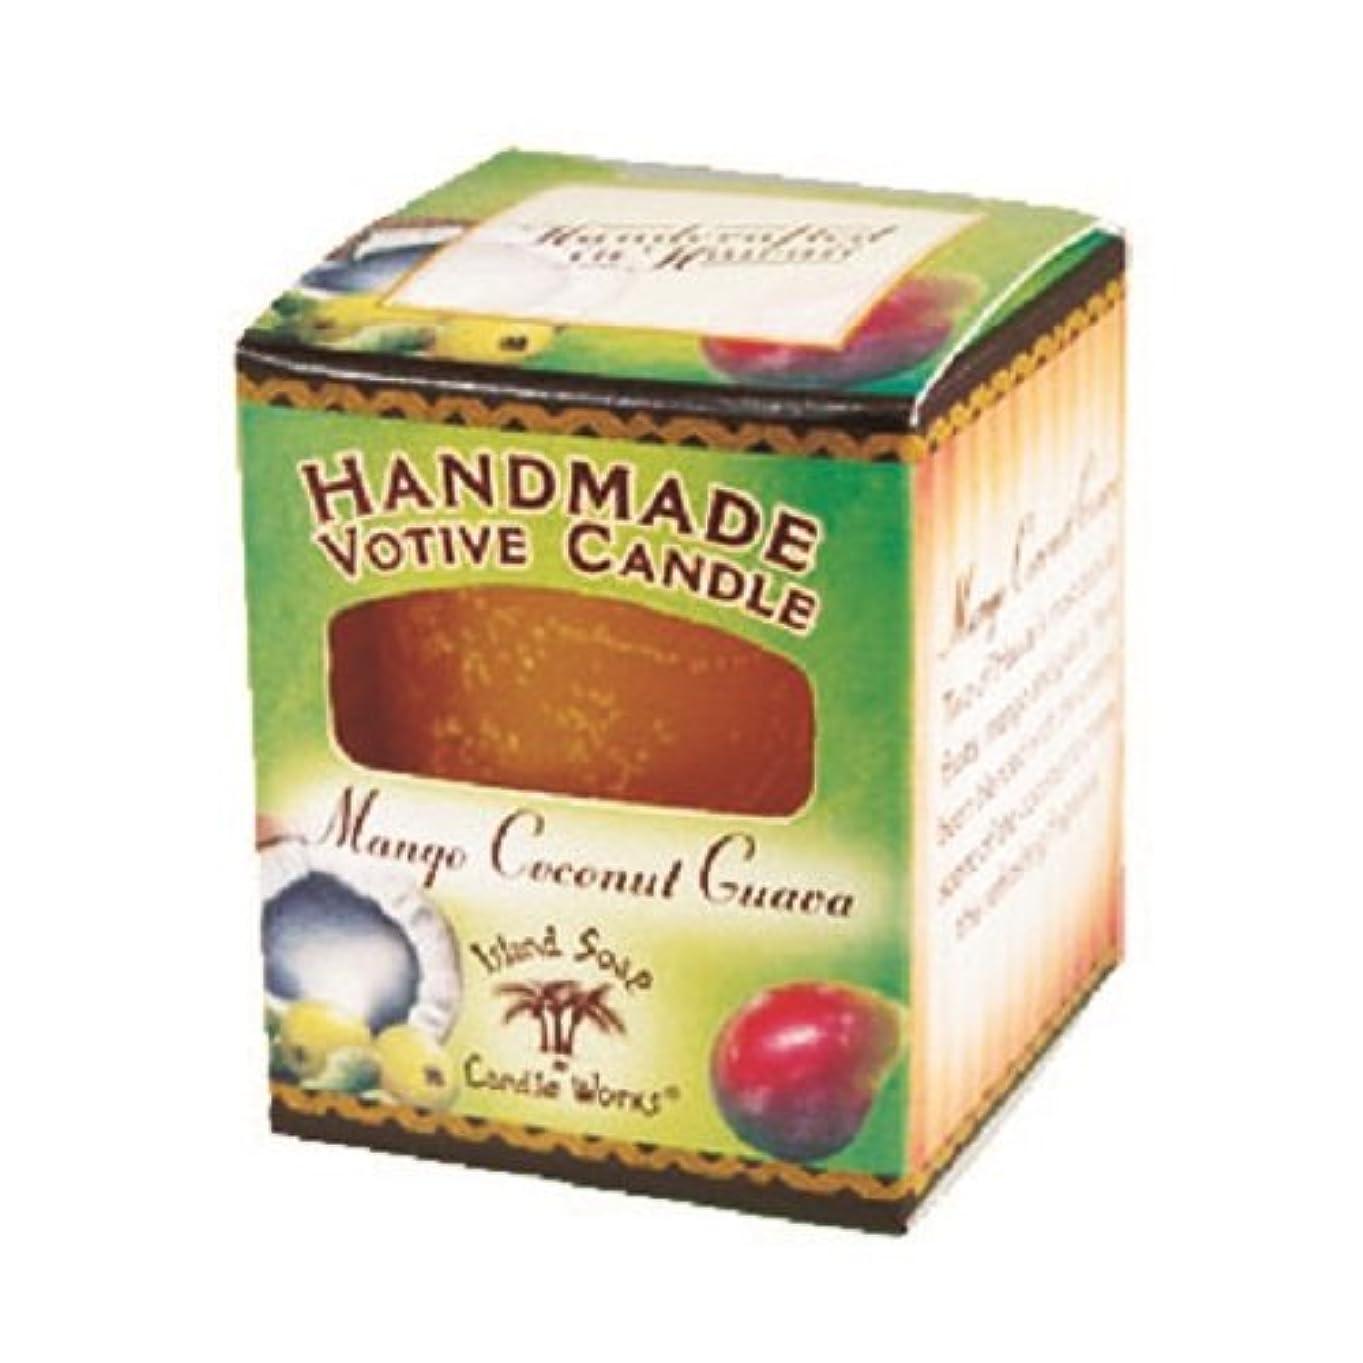 馬鹿げた肯定的祝福アイランドソープ ボーティブキャンドル マンゴココナッツ